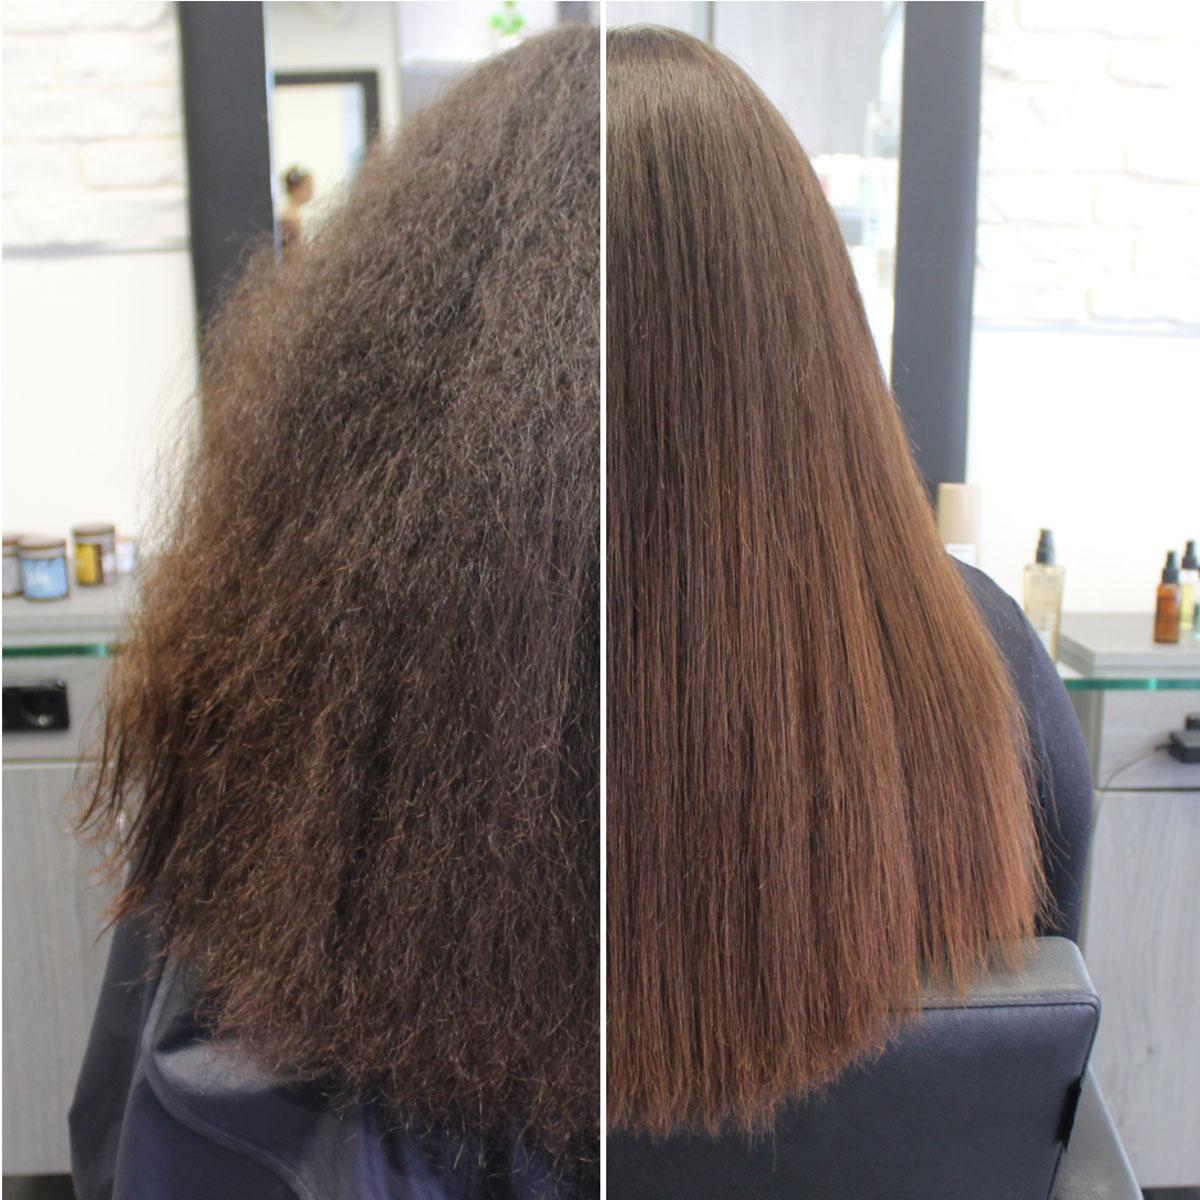 Dein Friseur In Bad Kreuznach Deine Friseure In Bingen Und Bad